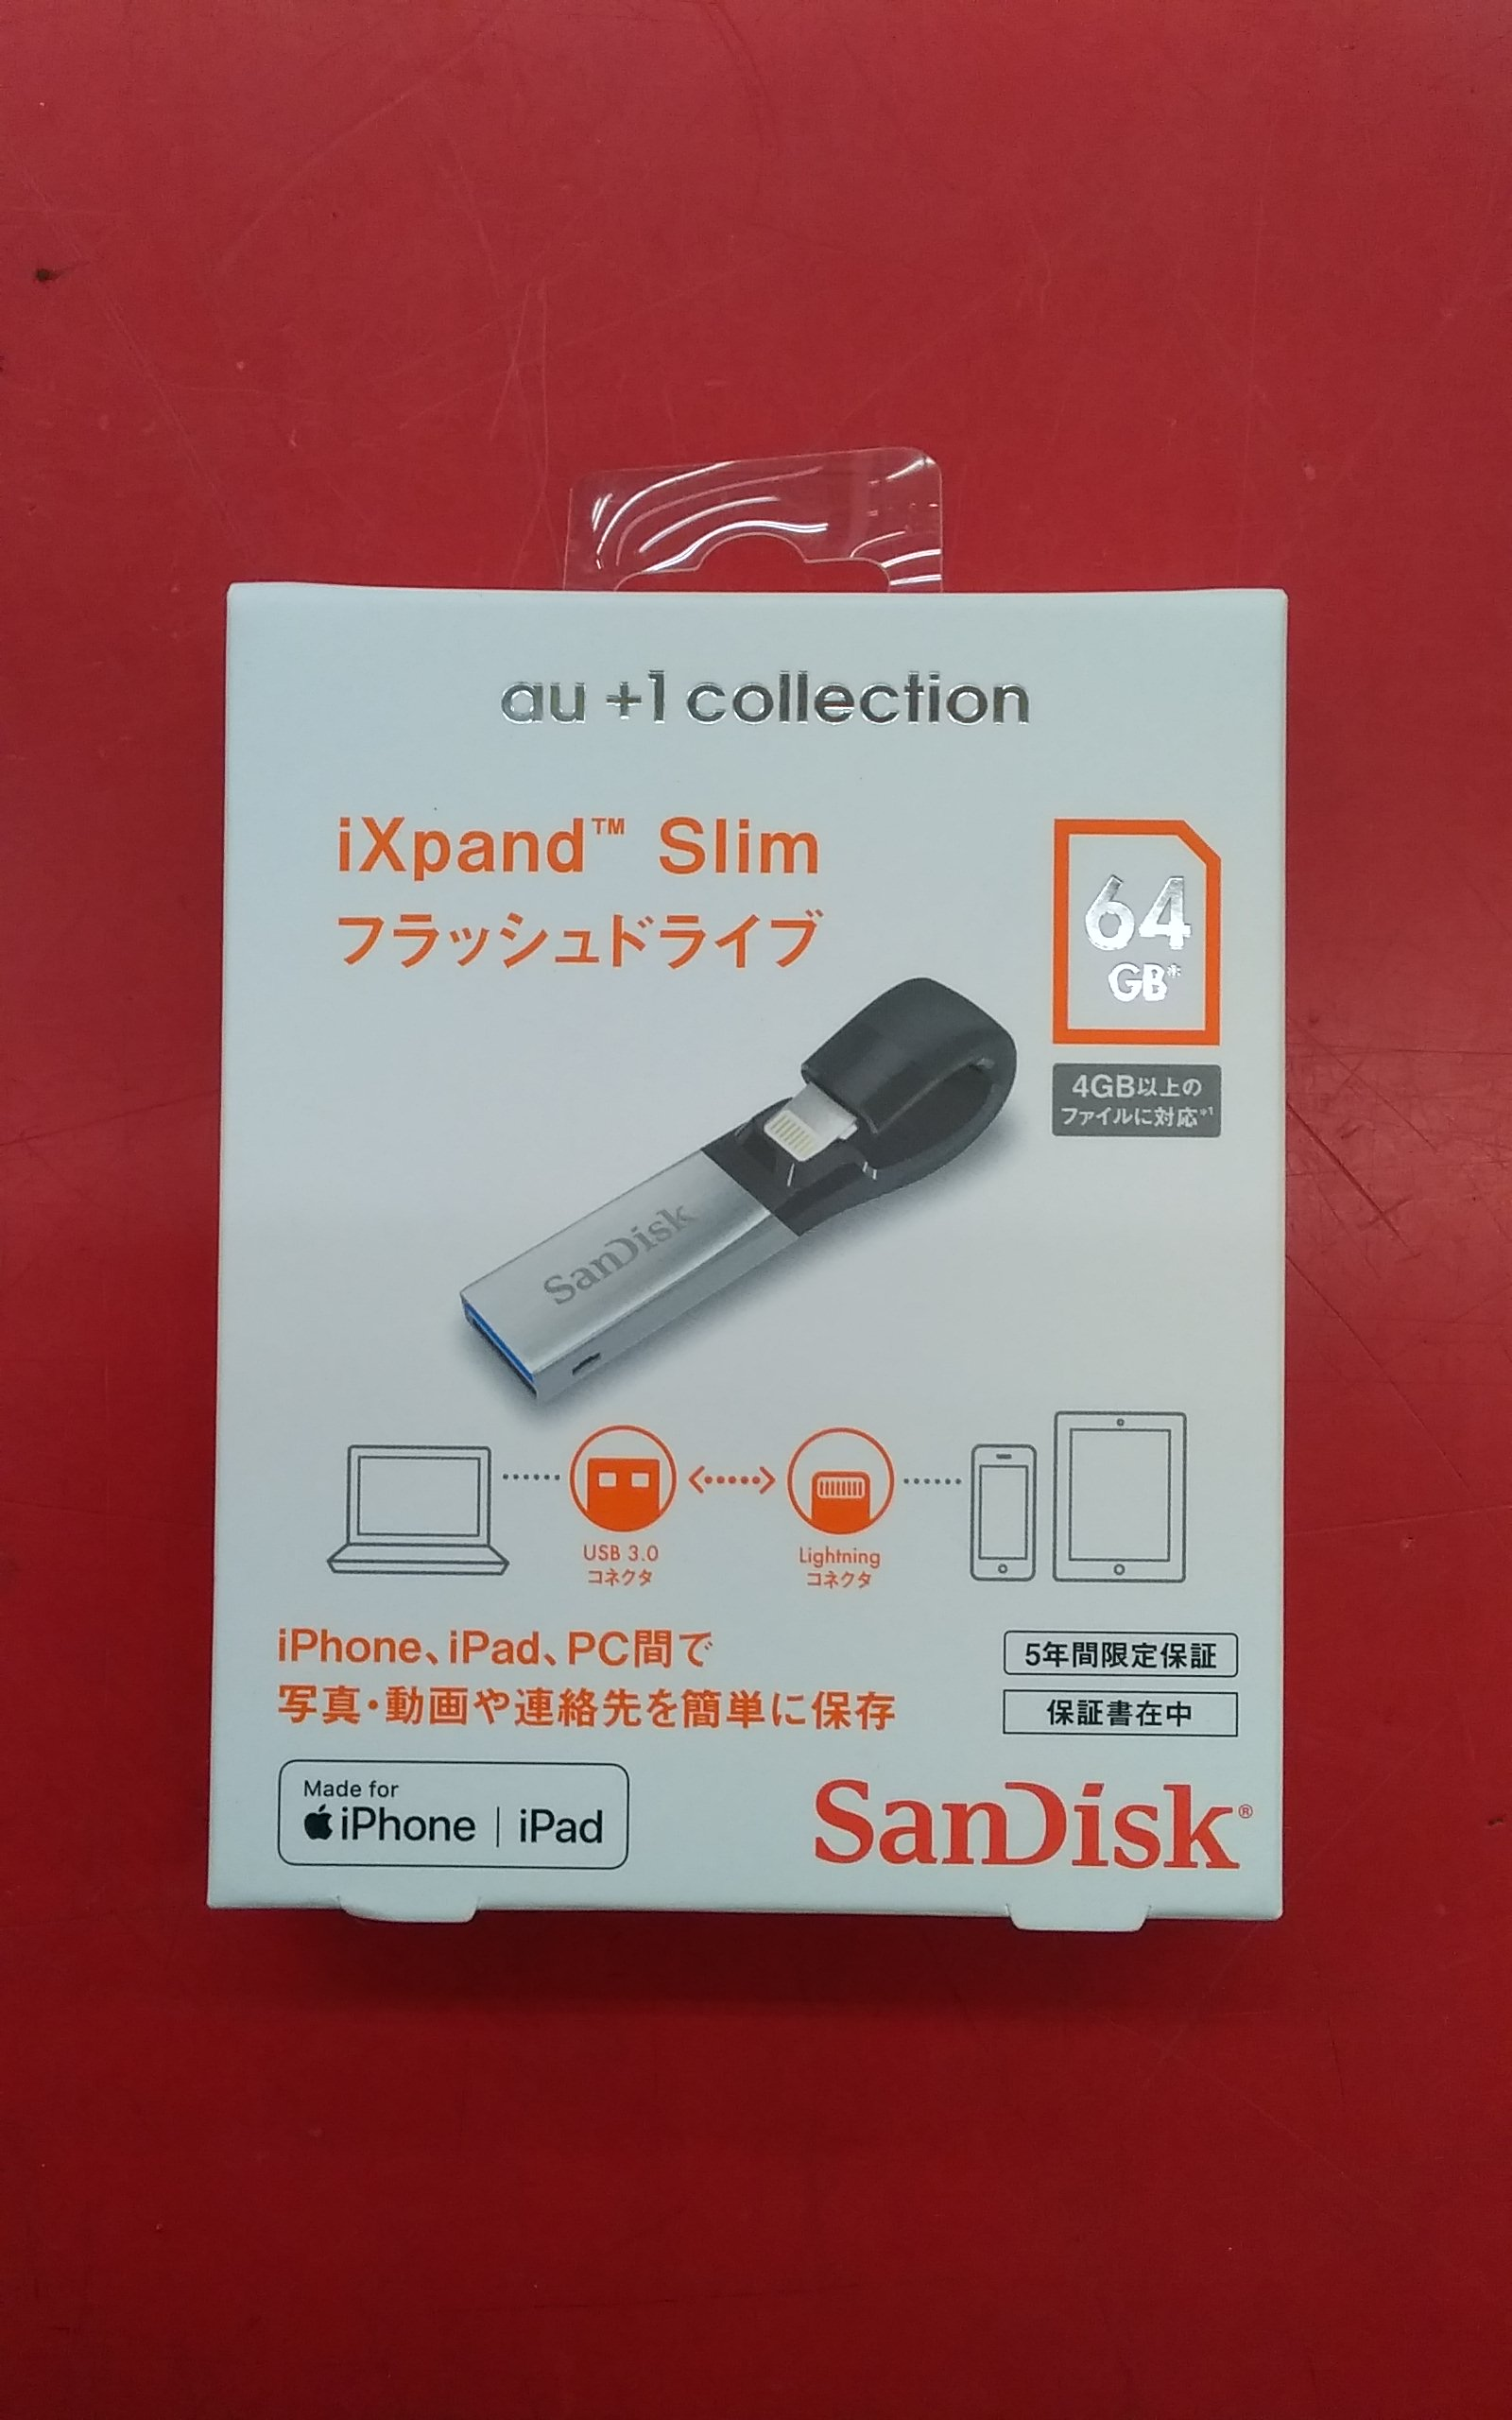 【未開封】iXpand Slim フラッシュドライブ 64G SANDISK